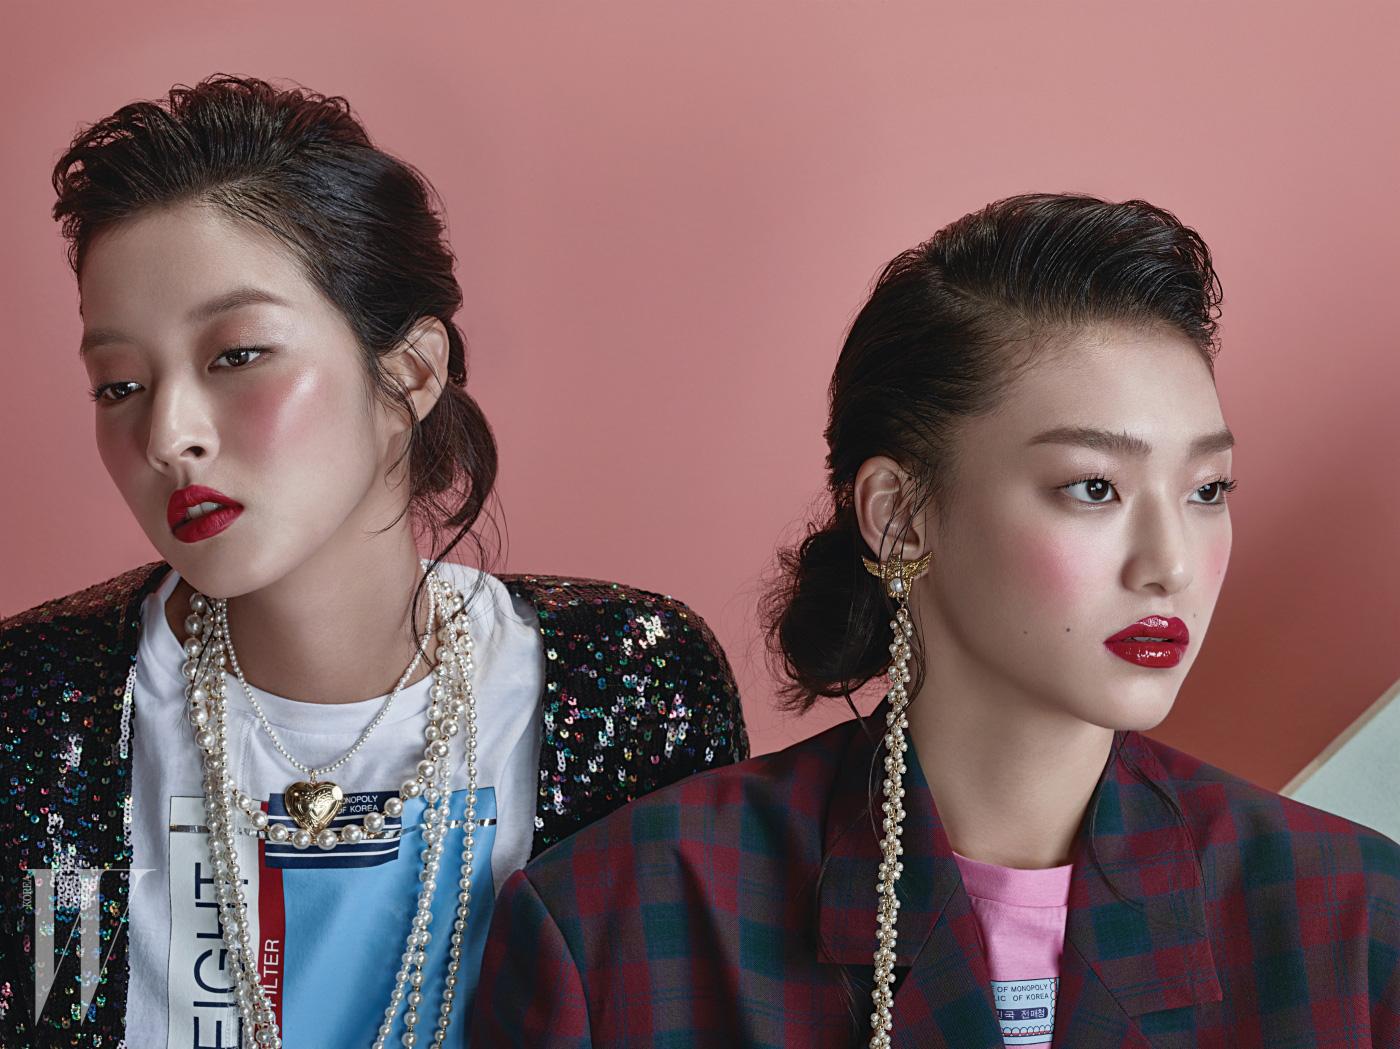 왼쪽부터ㅣ강소영이 입은 시퀸 재킷과 티셔츠, 여러 가지를 겹쳐 연출한 진주 목걸이, 김설희가 입은 체크무늬 재킷, 분홍색 티셔츠, 귀고리는 모두 The Centaur 제품.